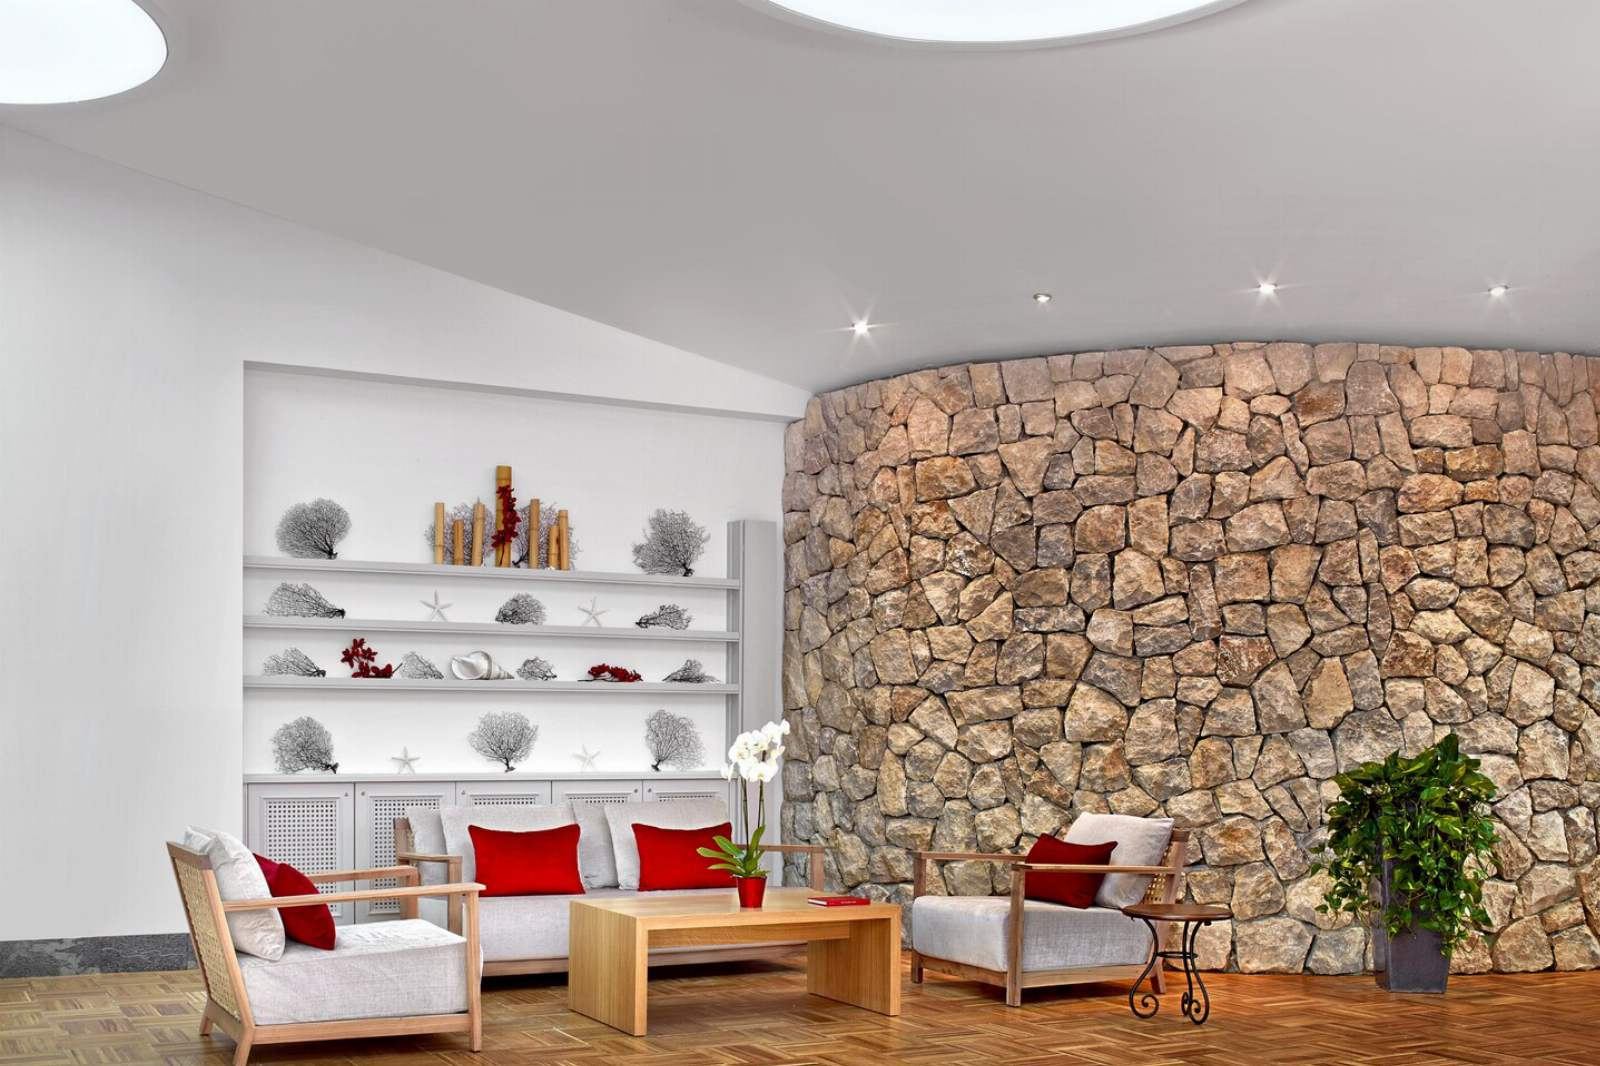 St. Regis Mardavall Resort - Arabella Spa Reception